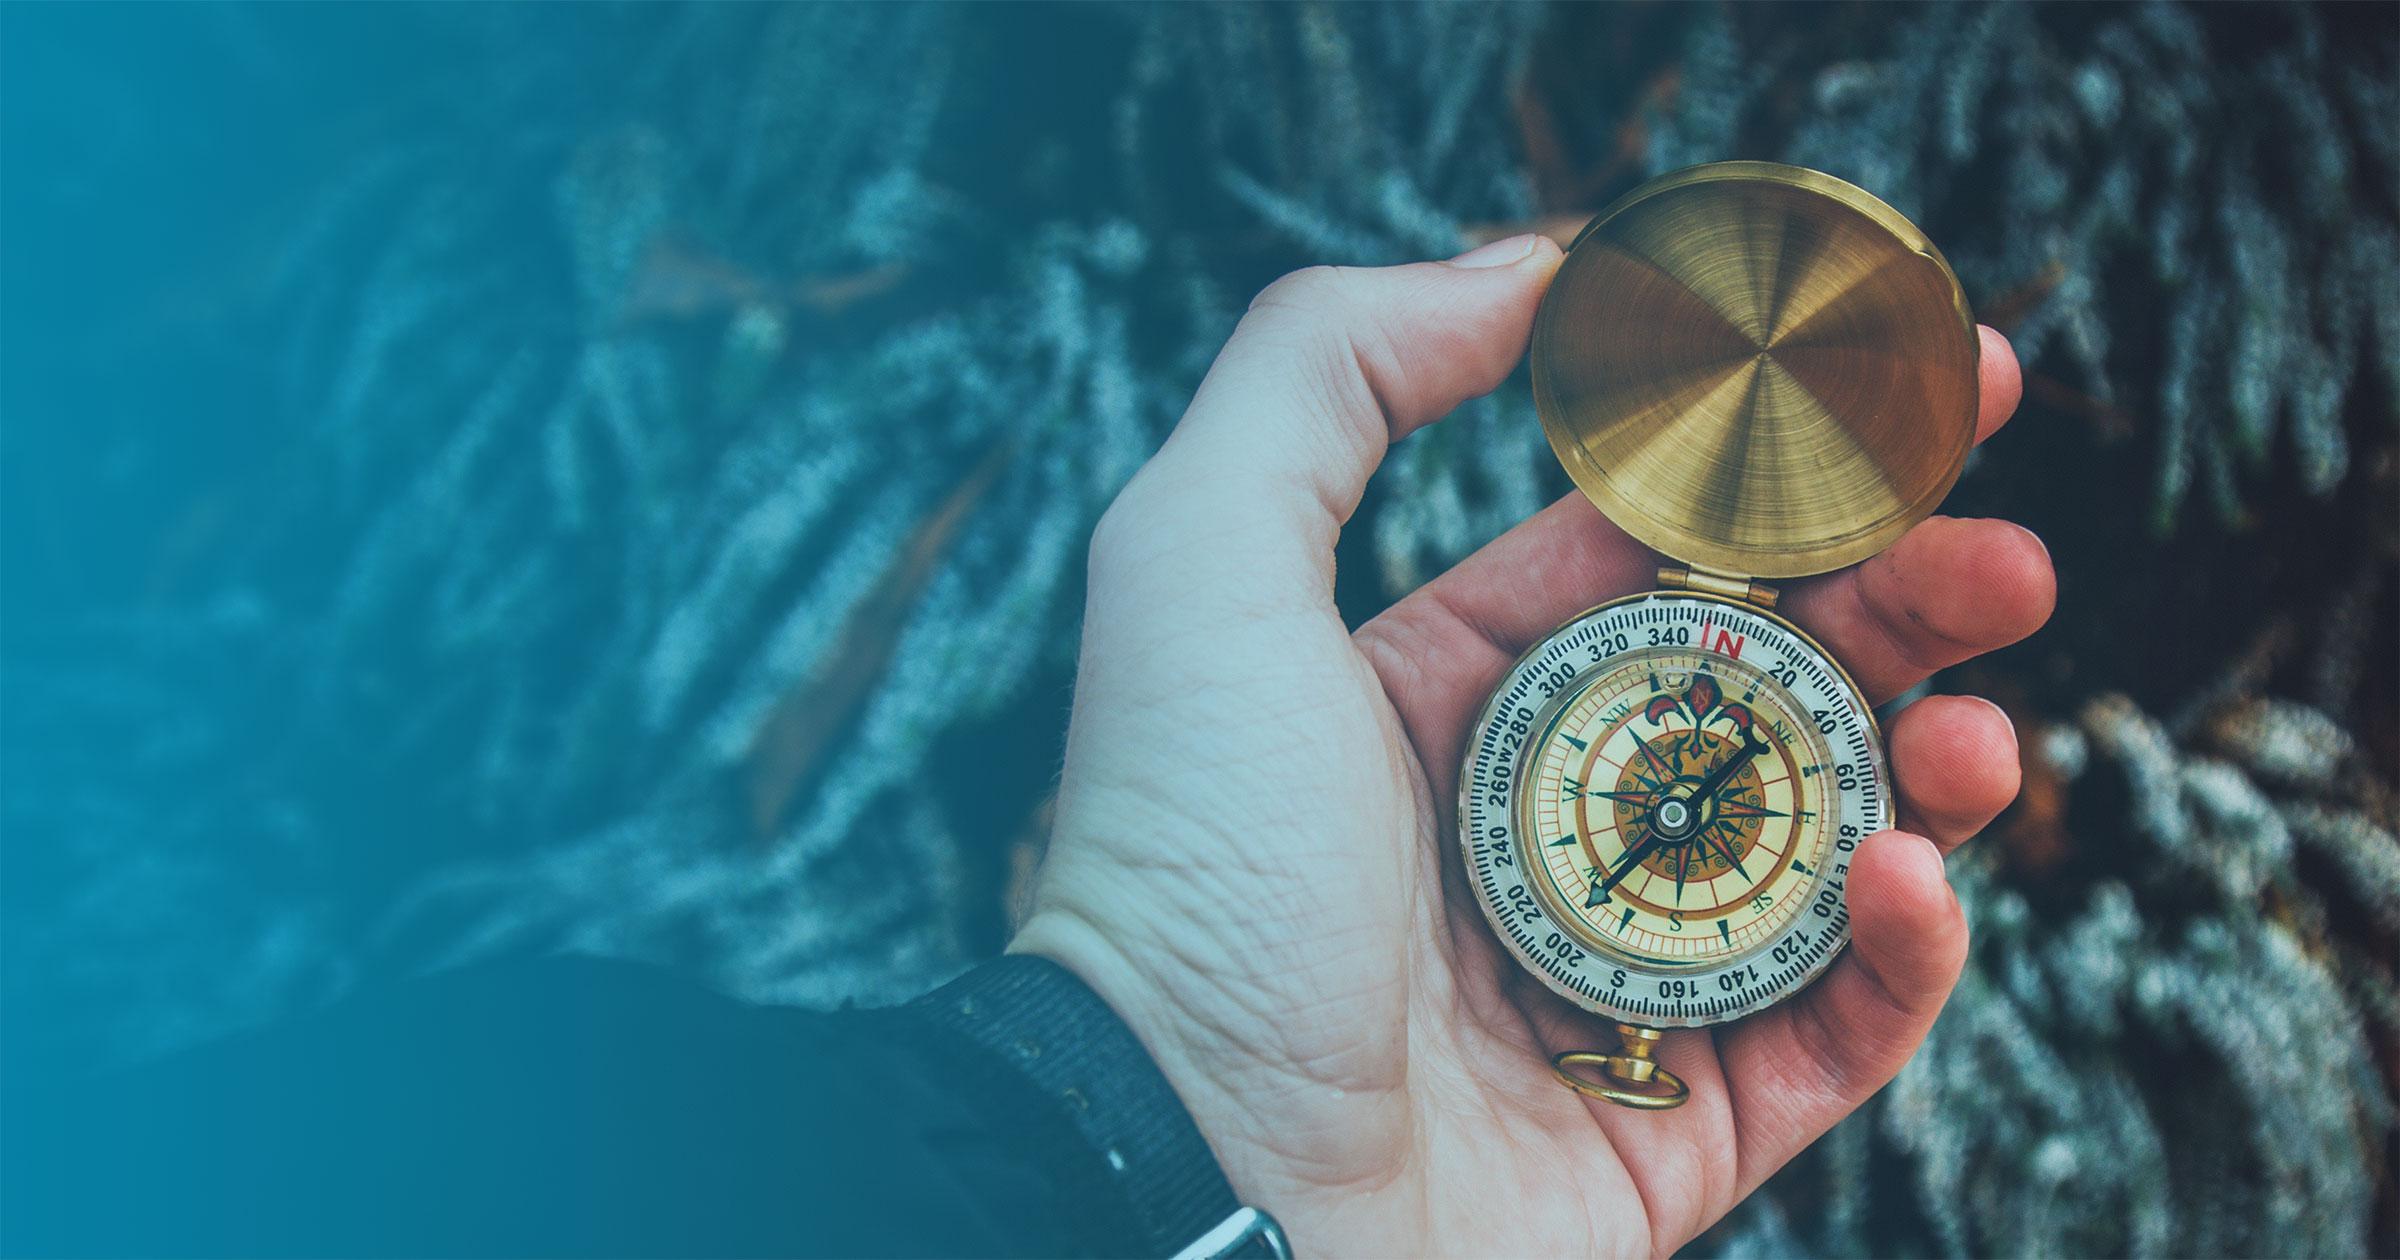 Hand holding brass compass